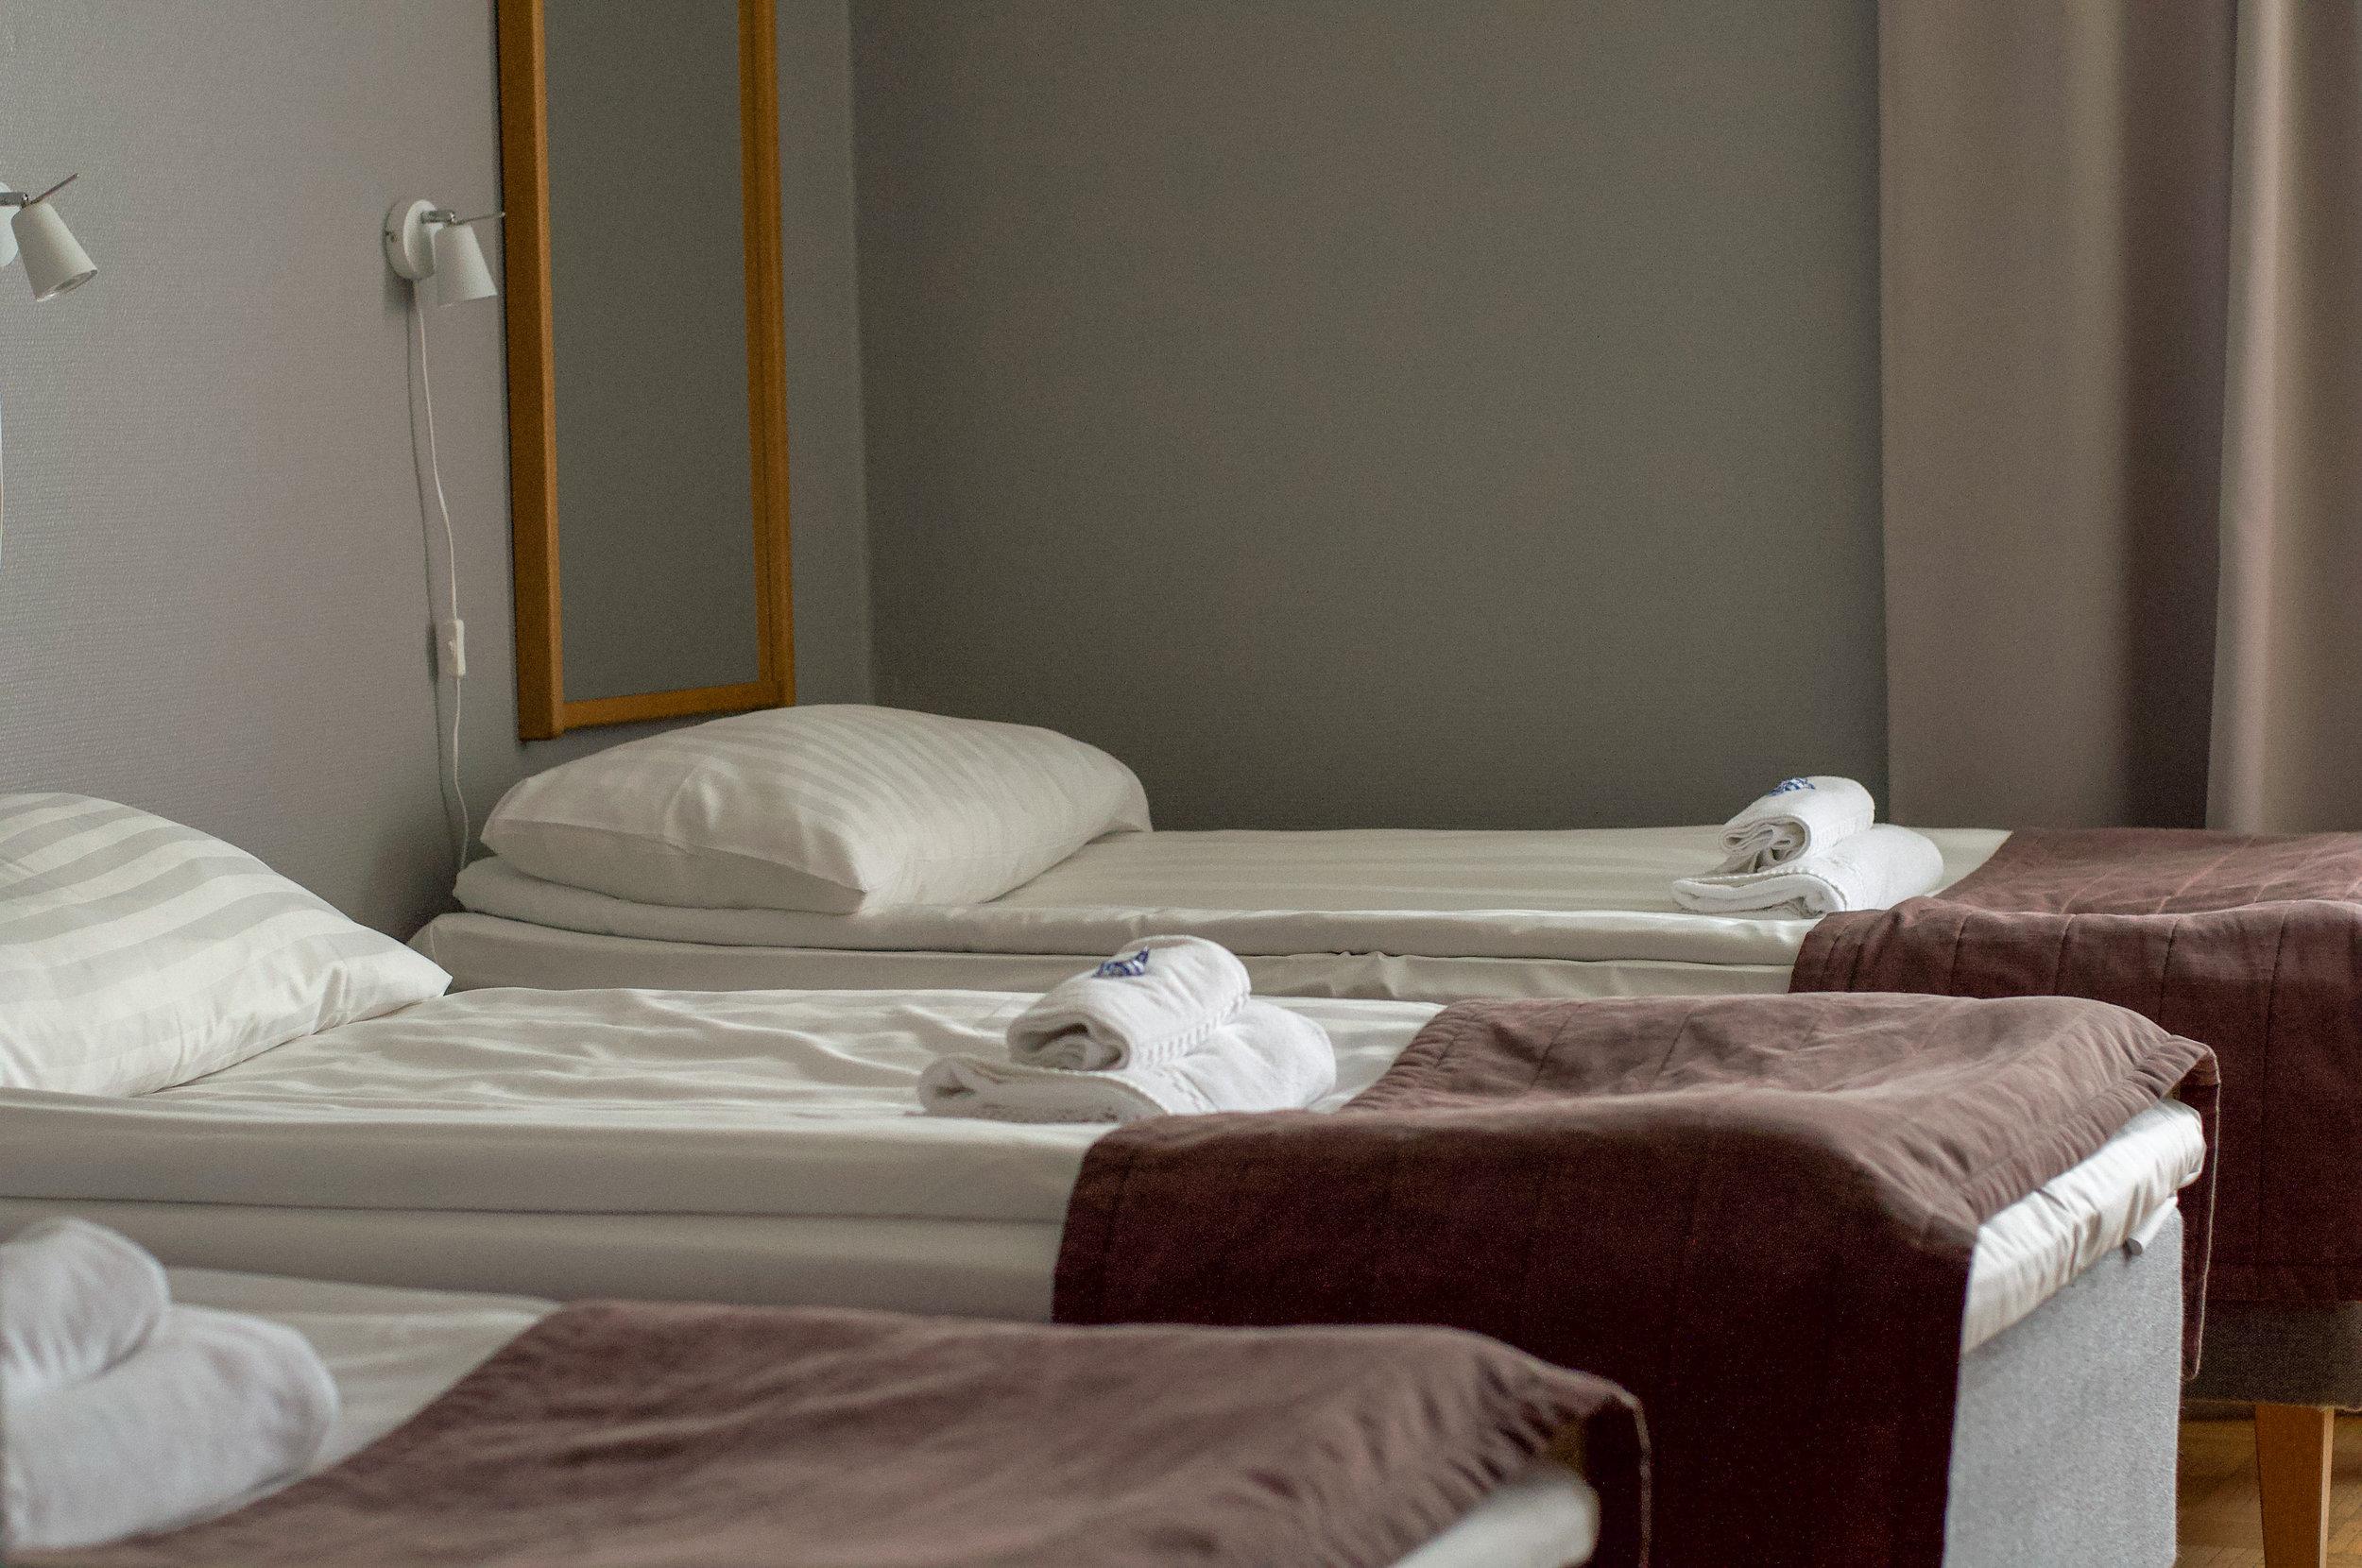 Standard 3hh, kaikissa kolmen hengen huoneissa on kolme erillistä vuodetta.